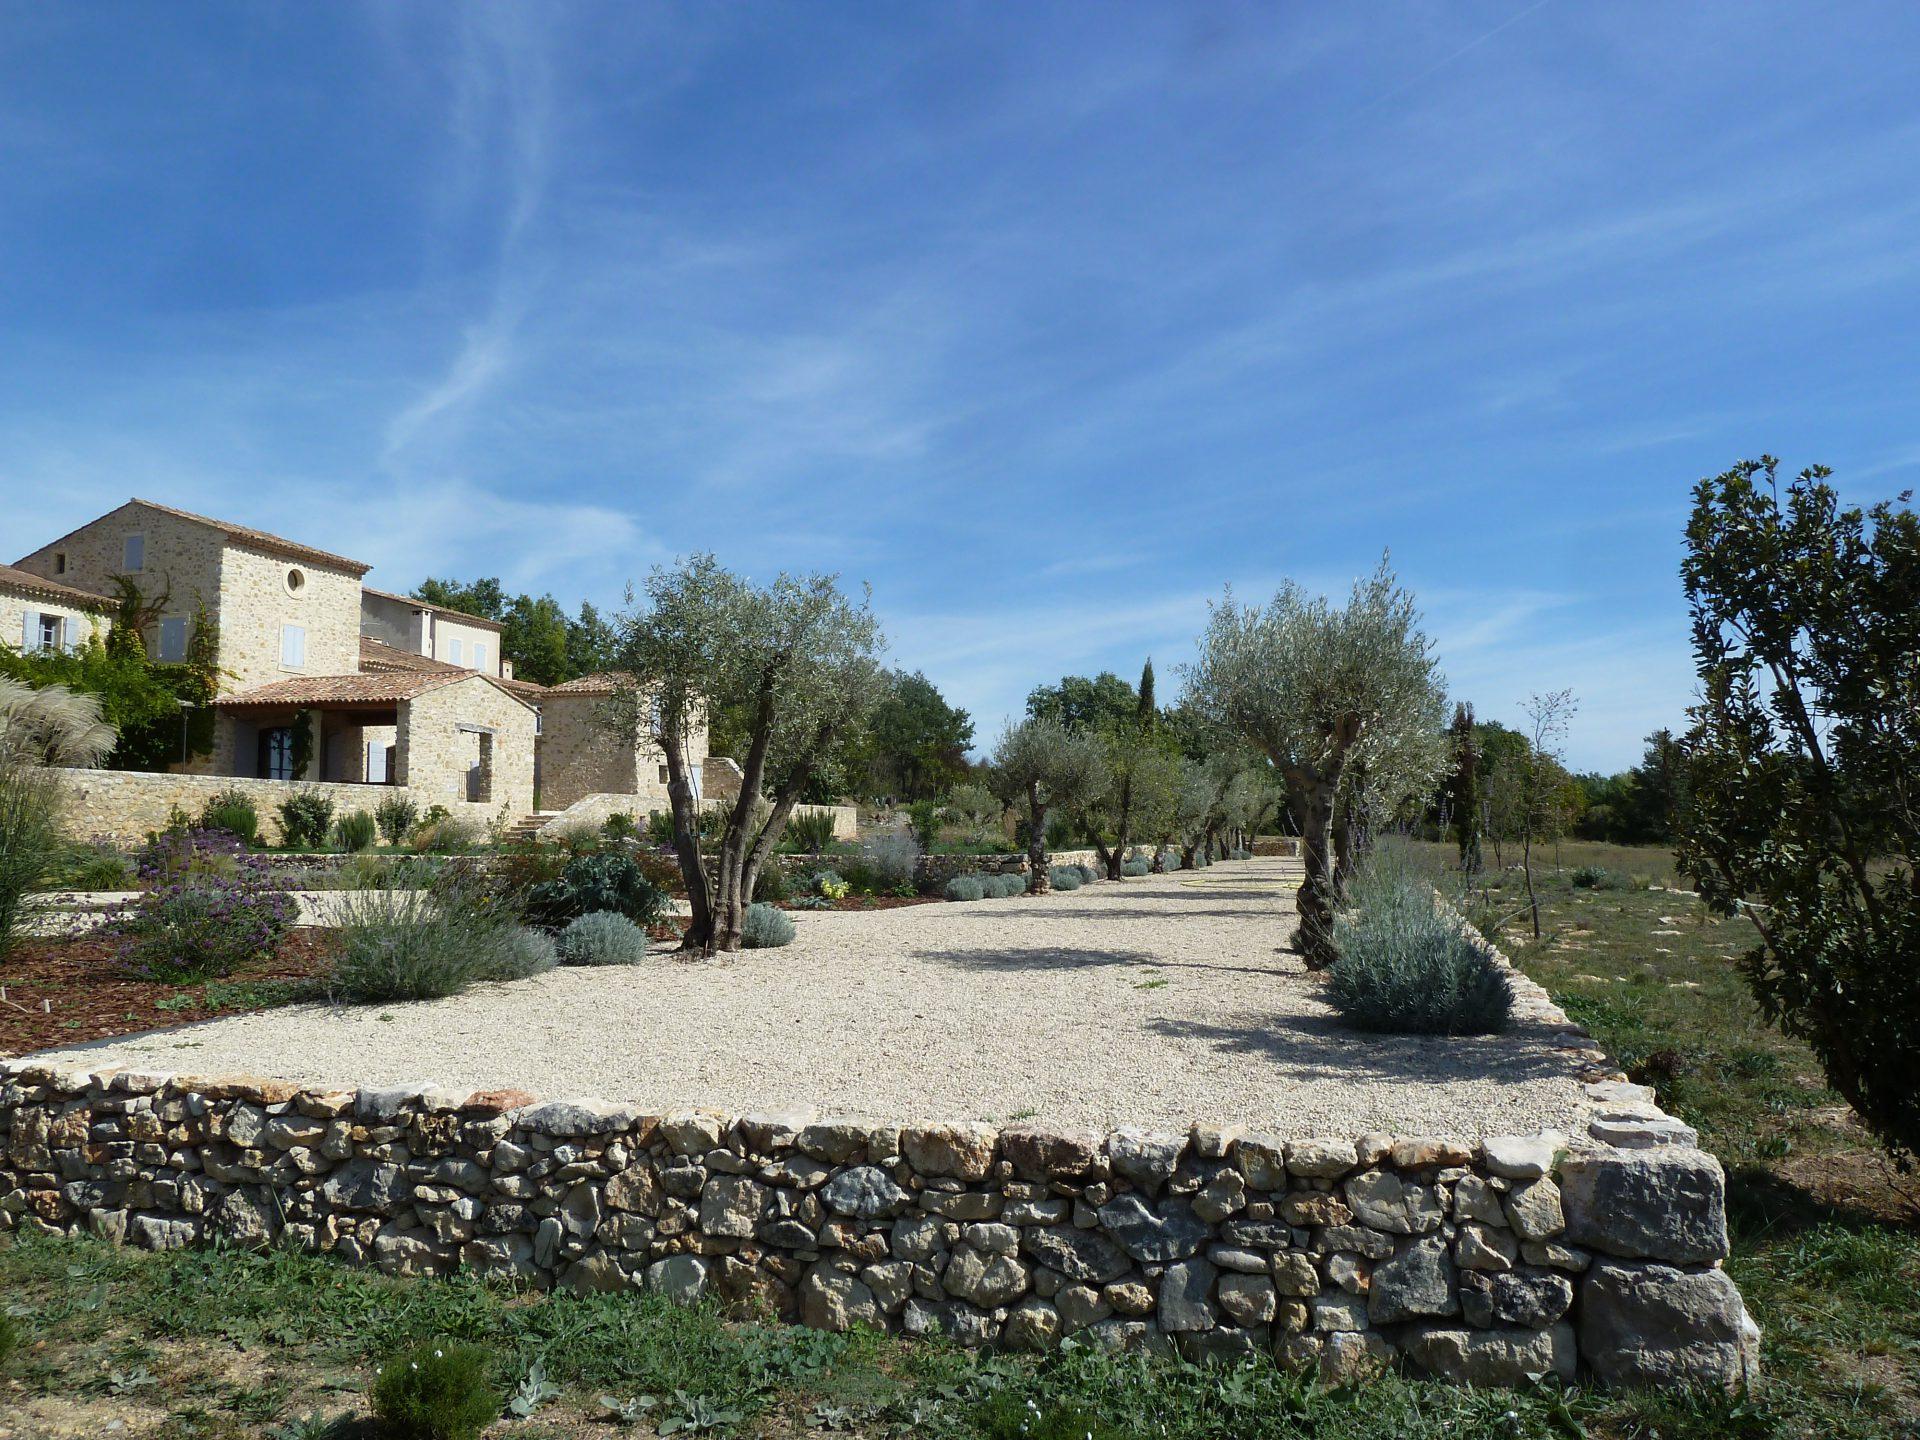 Jardin privé en Provence L'allée des oliviers centenaires